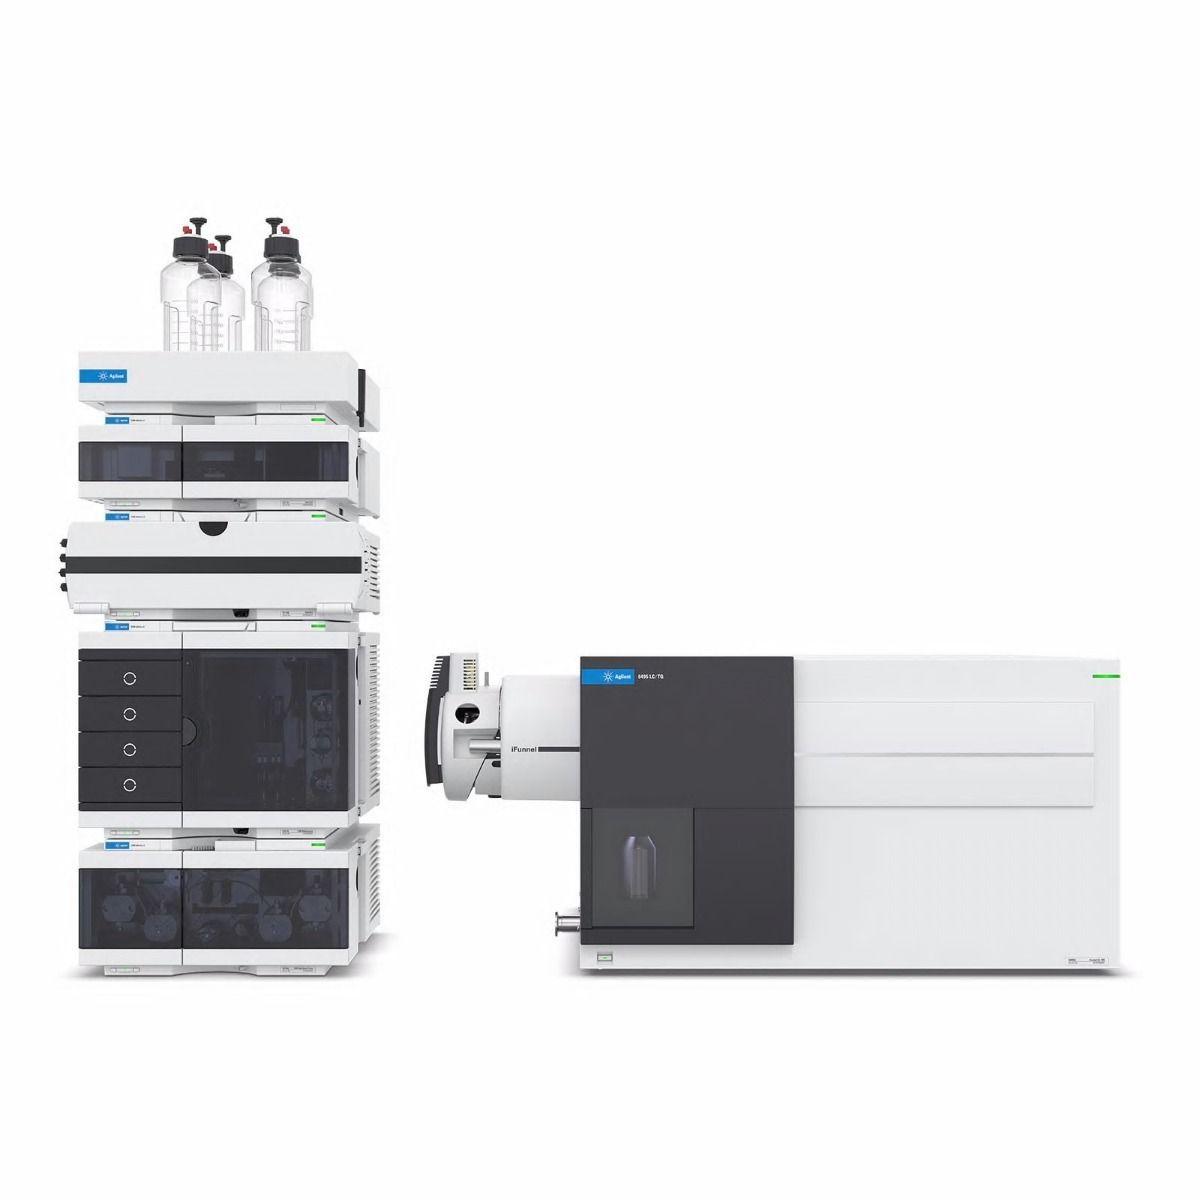 Agilent 6495C Triple Quadrupole LC/MS